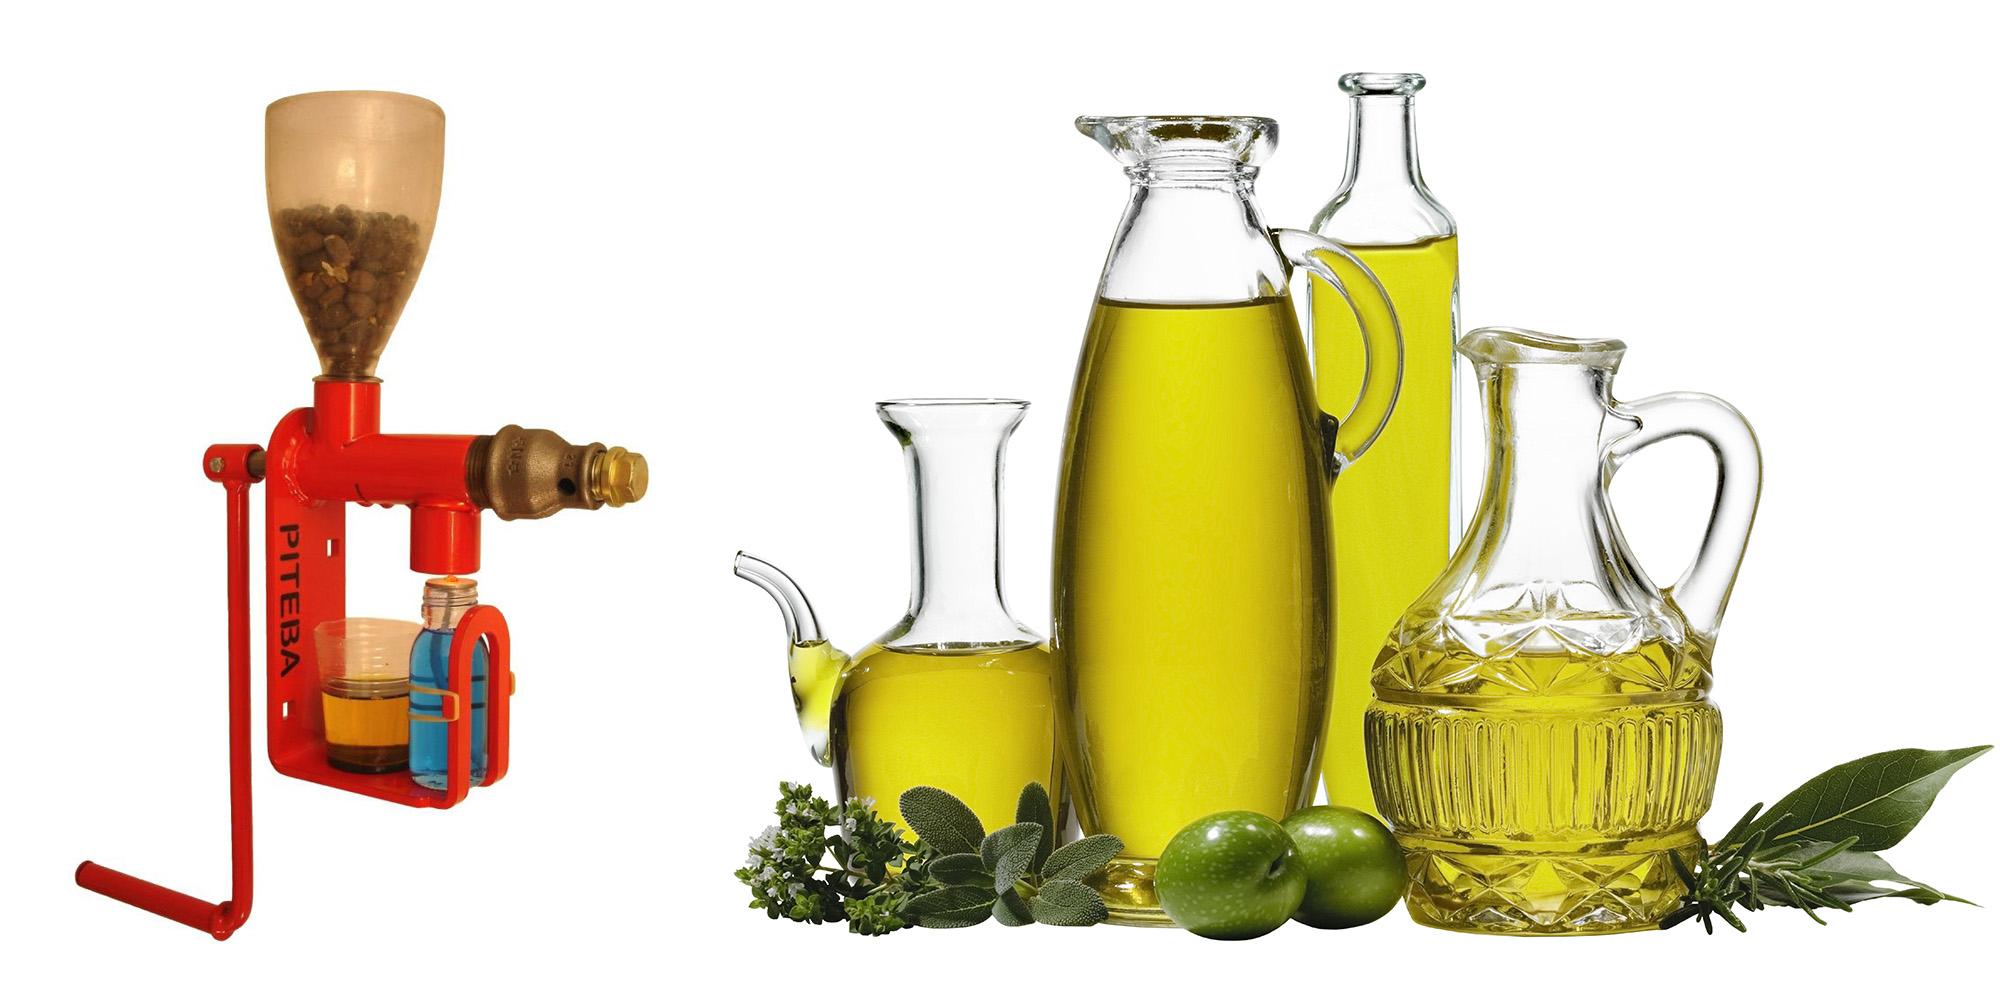 Маслодавка пресс для масла отжим продуктов маслопресс Piteba ручной шнековый